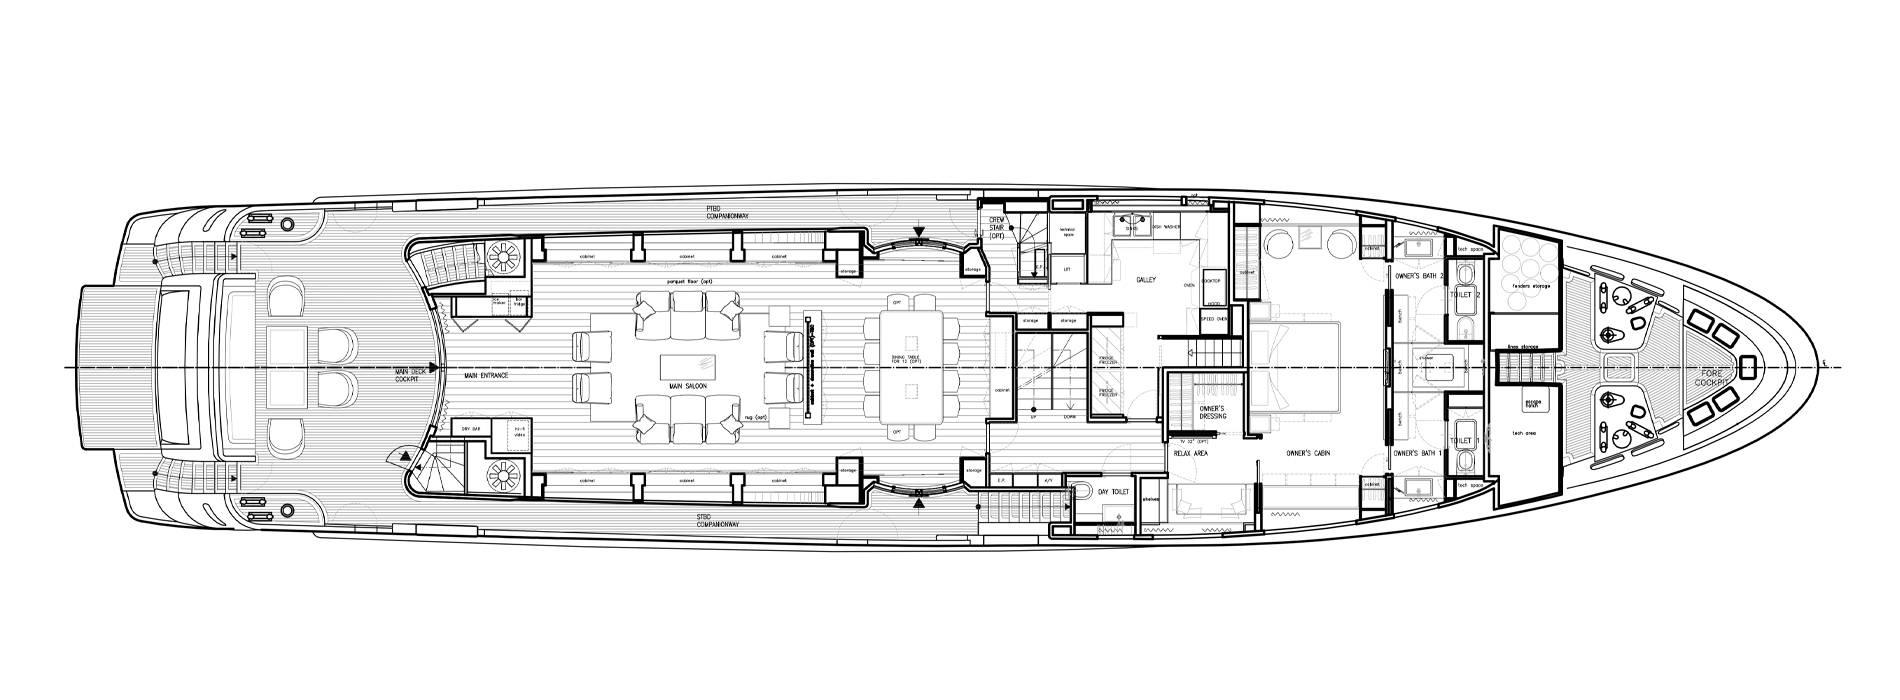 Sanlorenzo Yachts SD122-27 under offer Hauptdeck